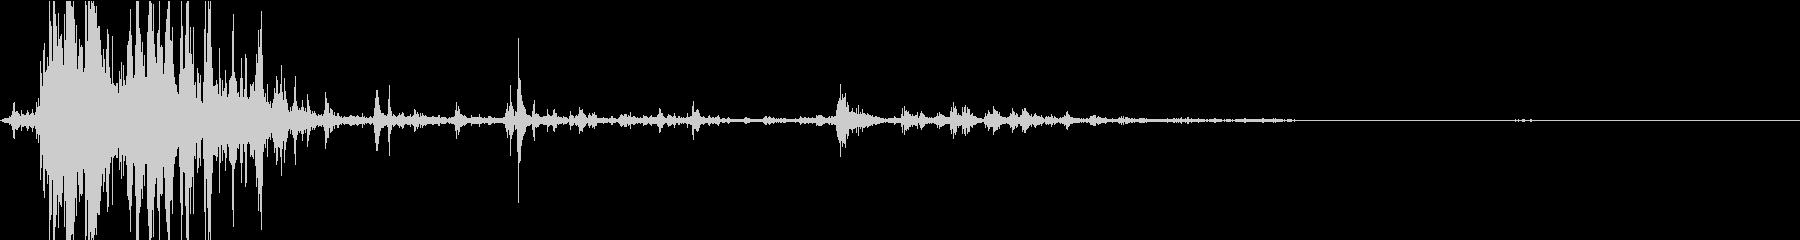 【自然音】雷「ゴロゴロ、ピシャ」02の未再生の波形